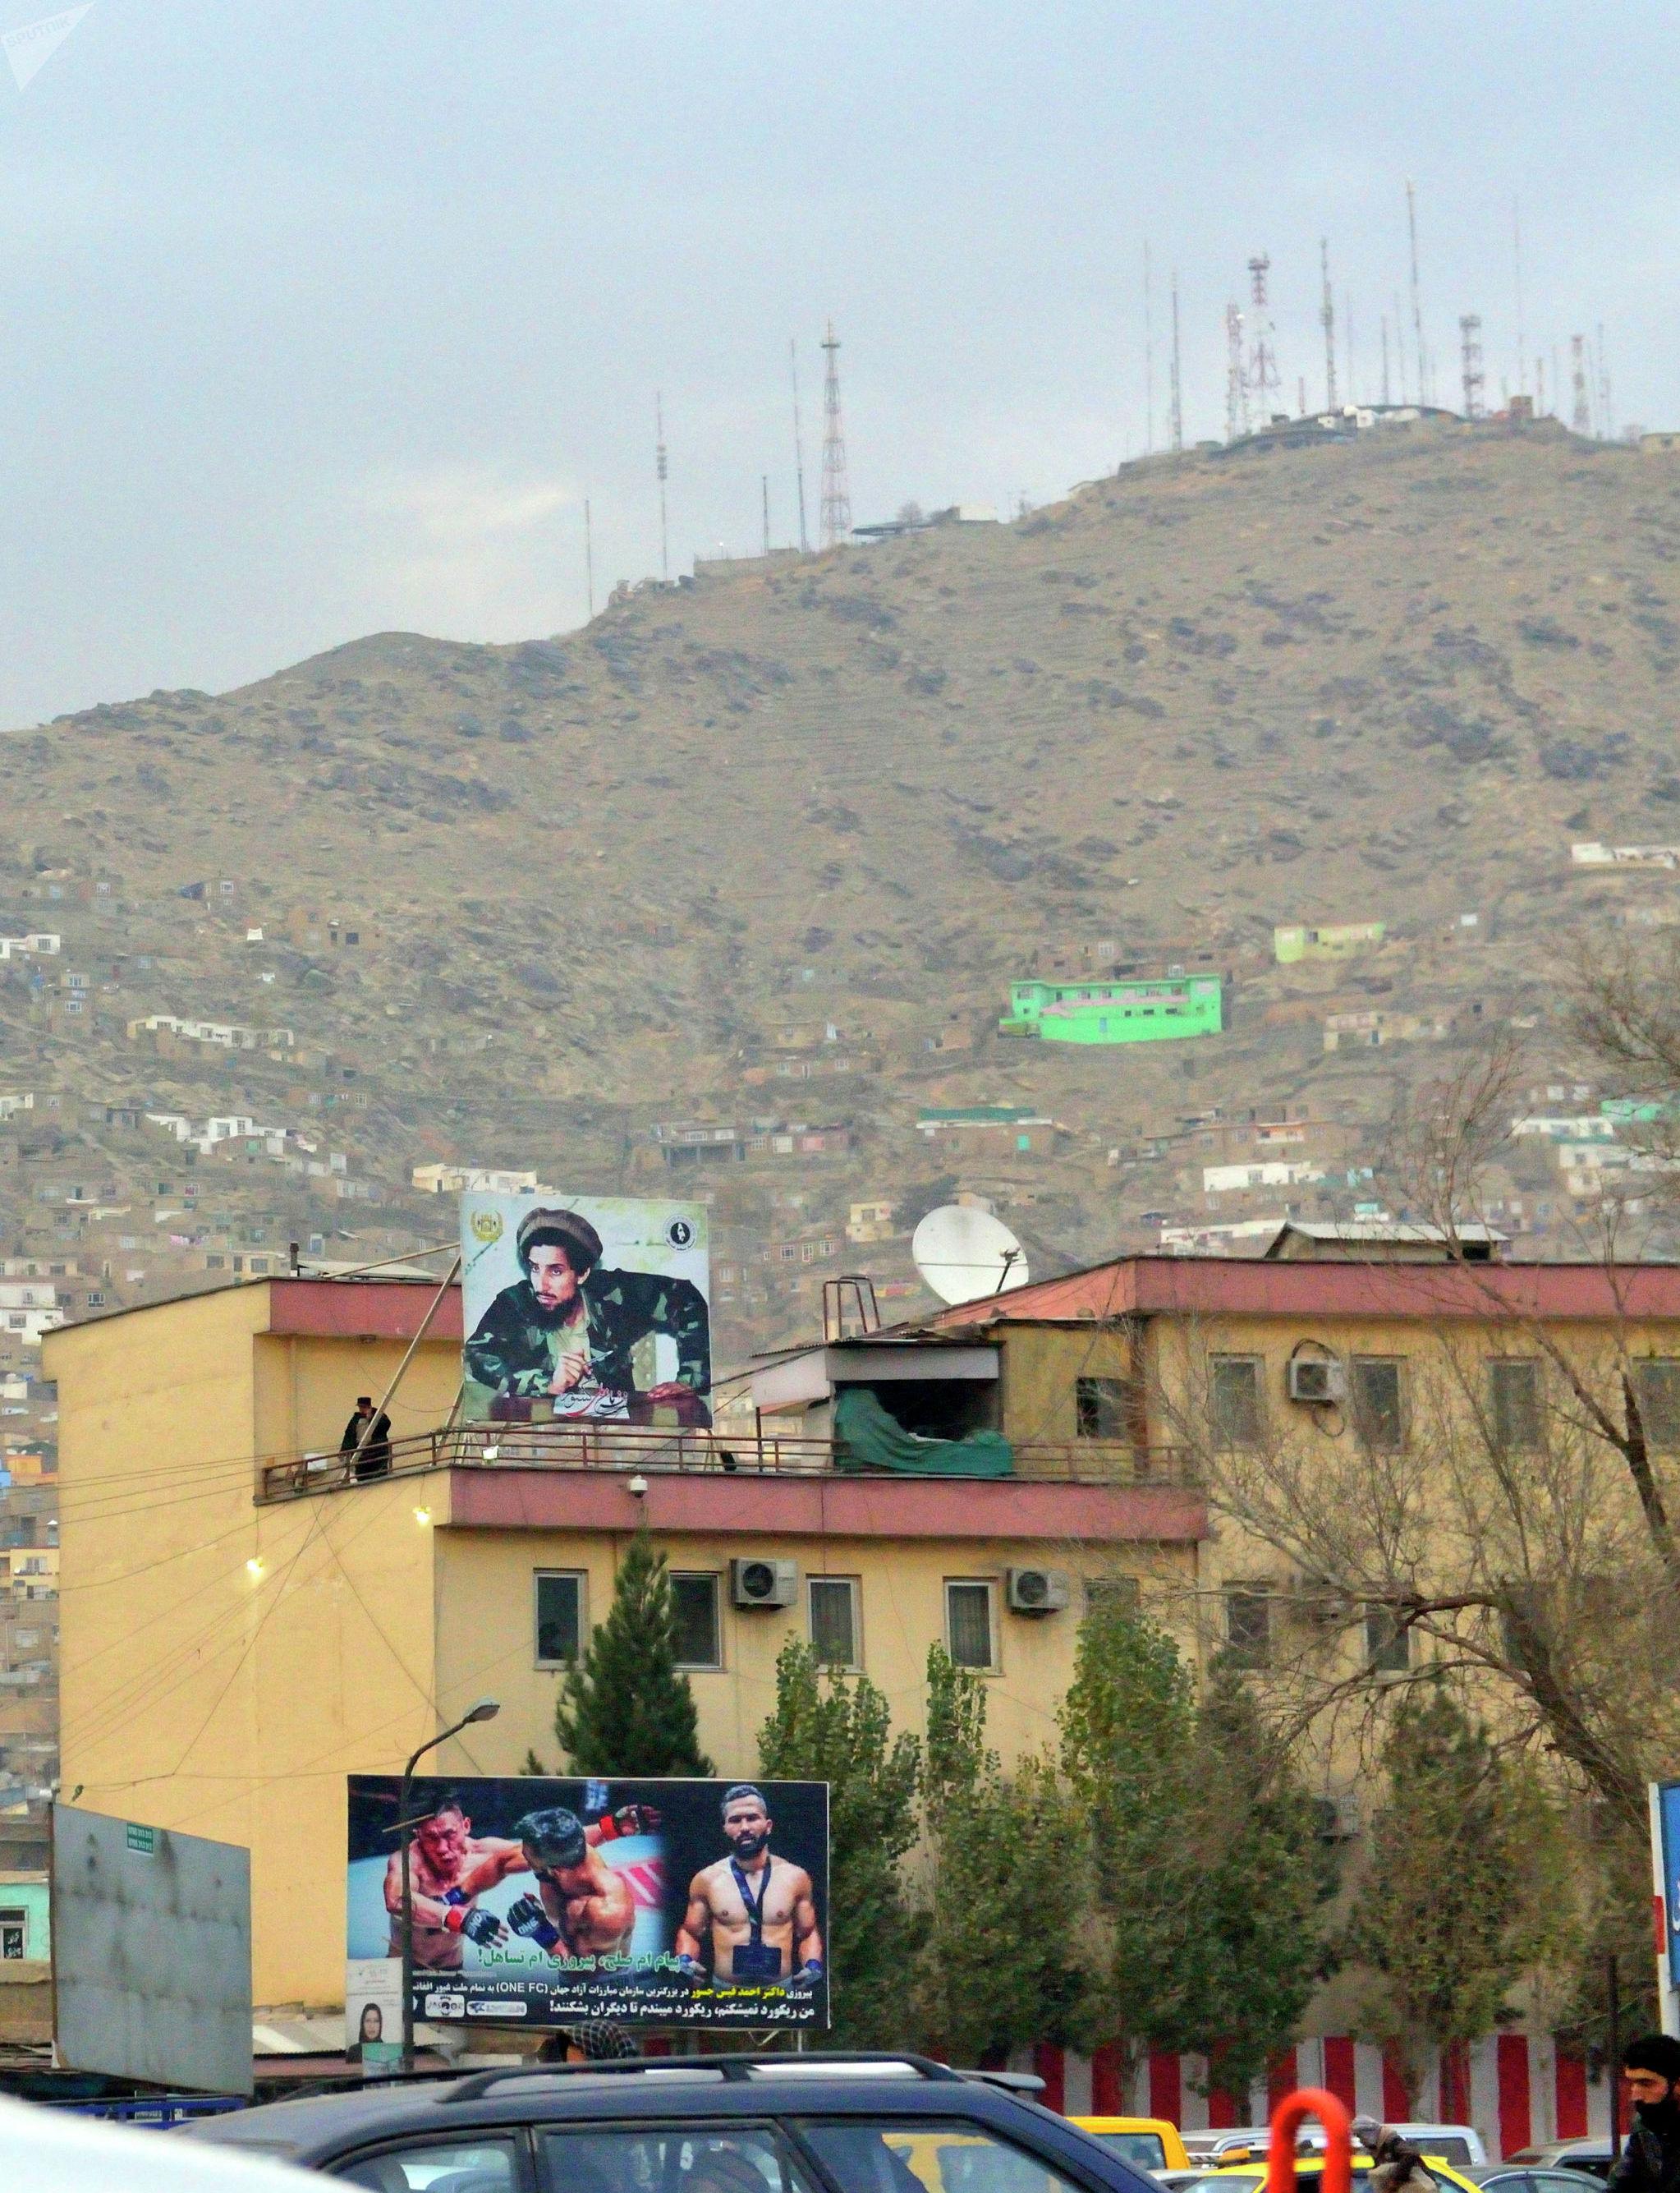 Национальный герой Ахмад шах Масуд и герои спорта всегда рядом. Кабул